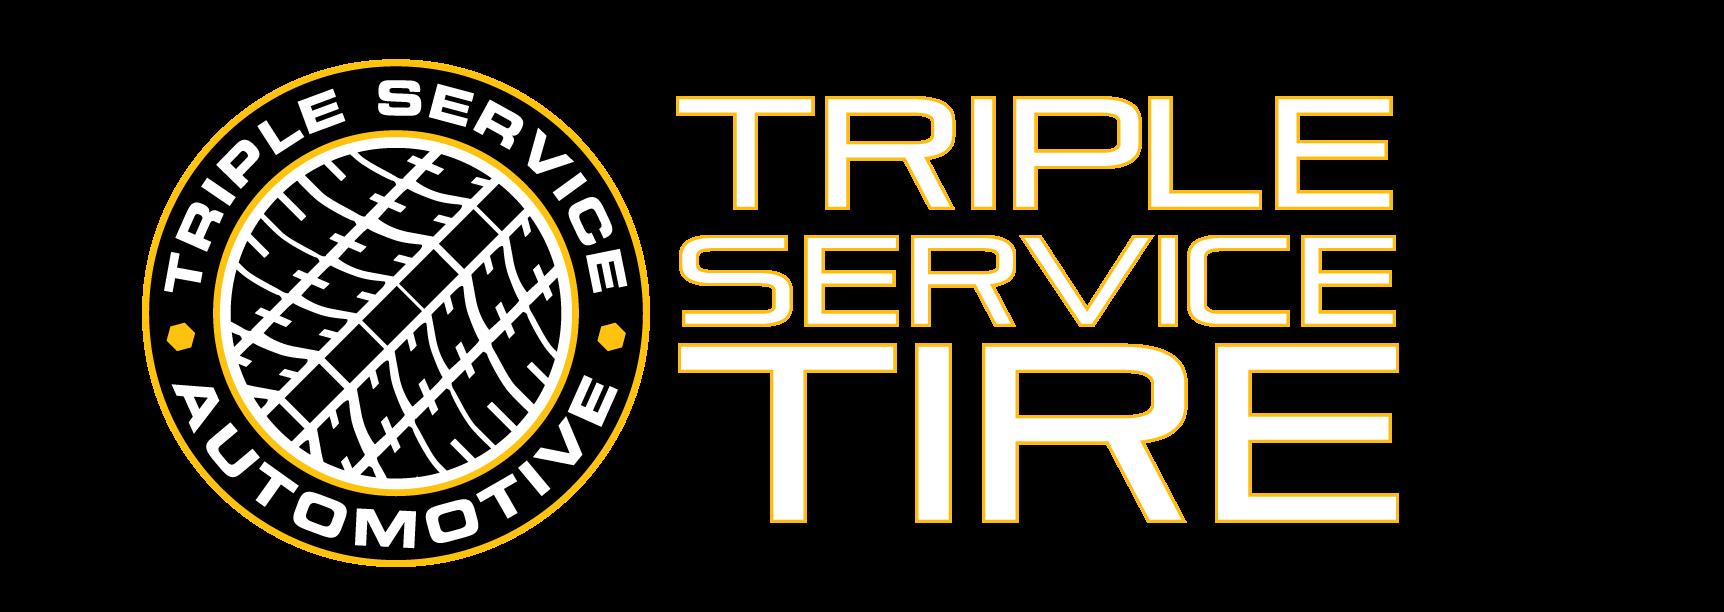 triple-serivces-logo_long-1